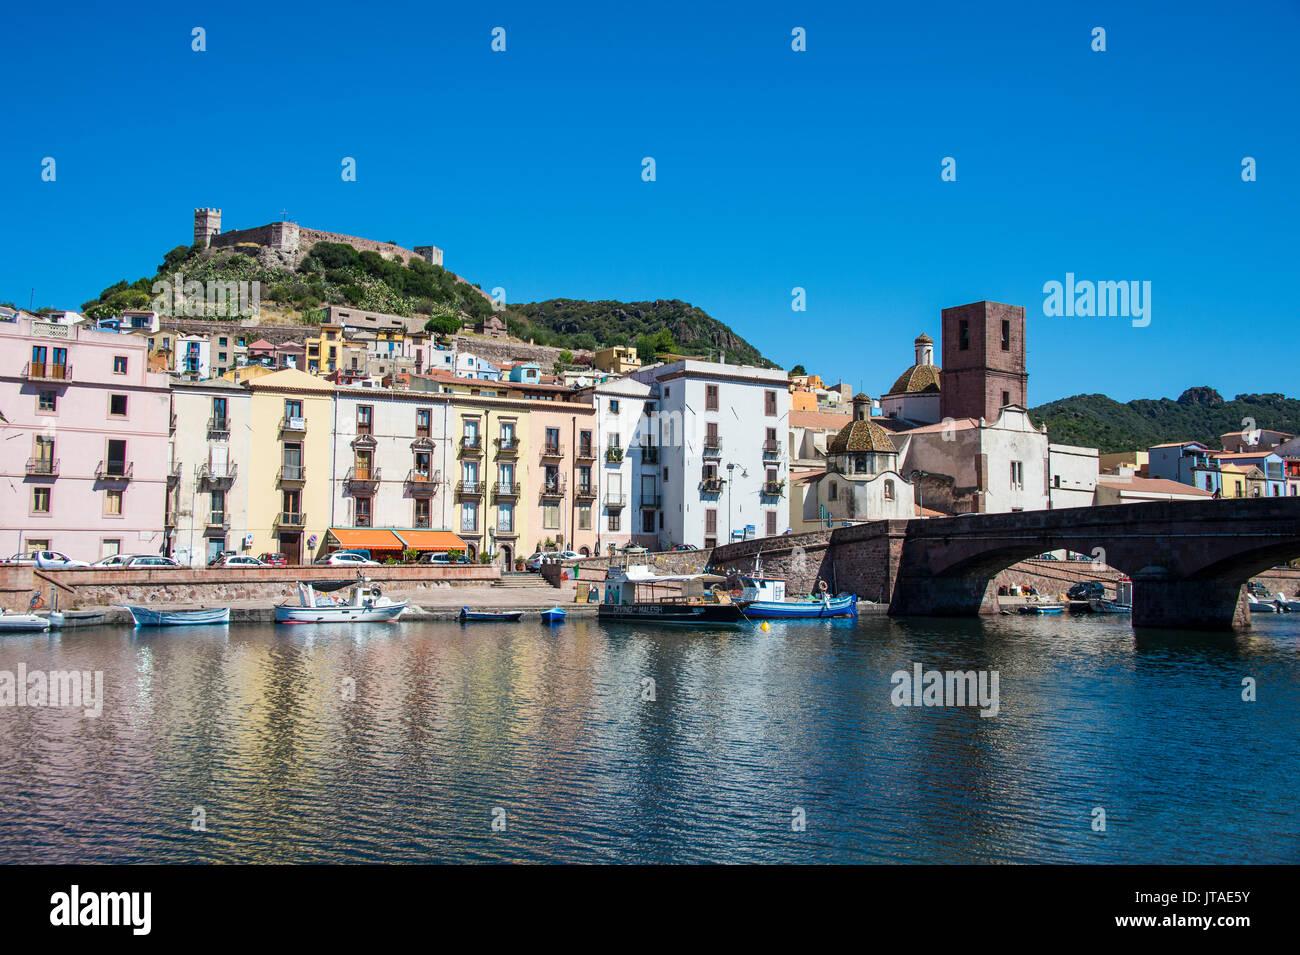 La ville de Bosa sur le fleuve Temo, Sardaigne, Italie, Europe Banque D'Images